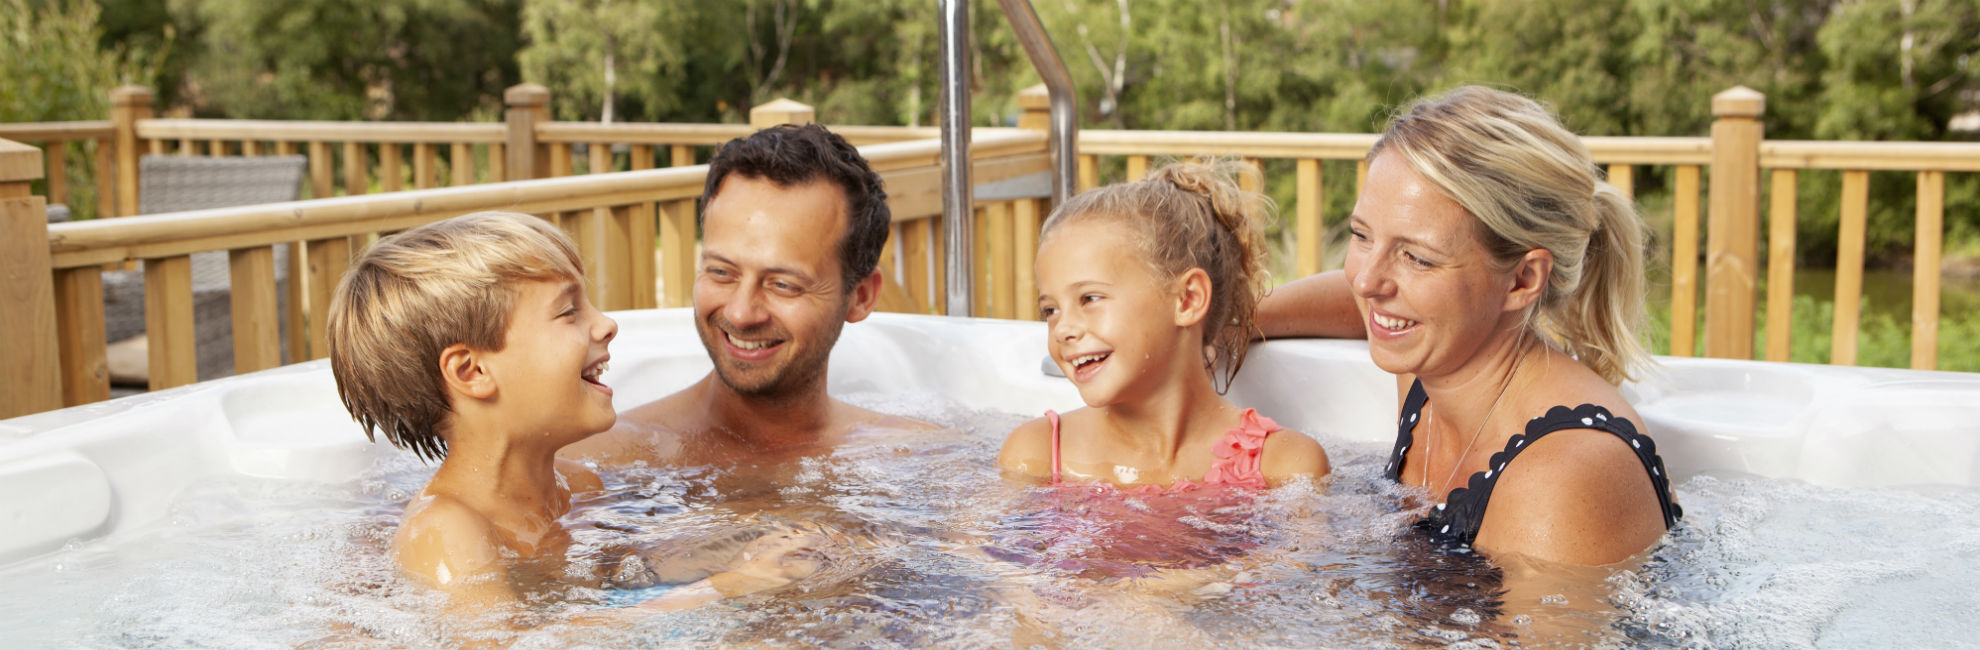 Hot tubs improve autism symptoms